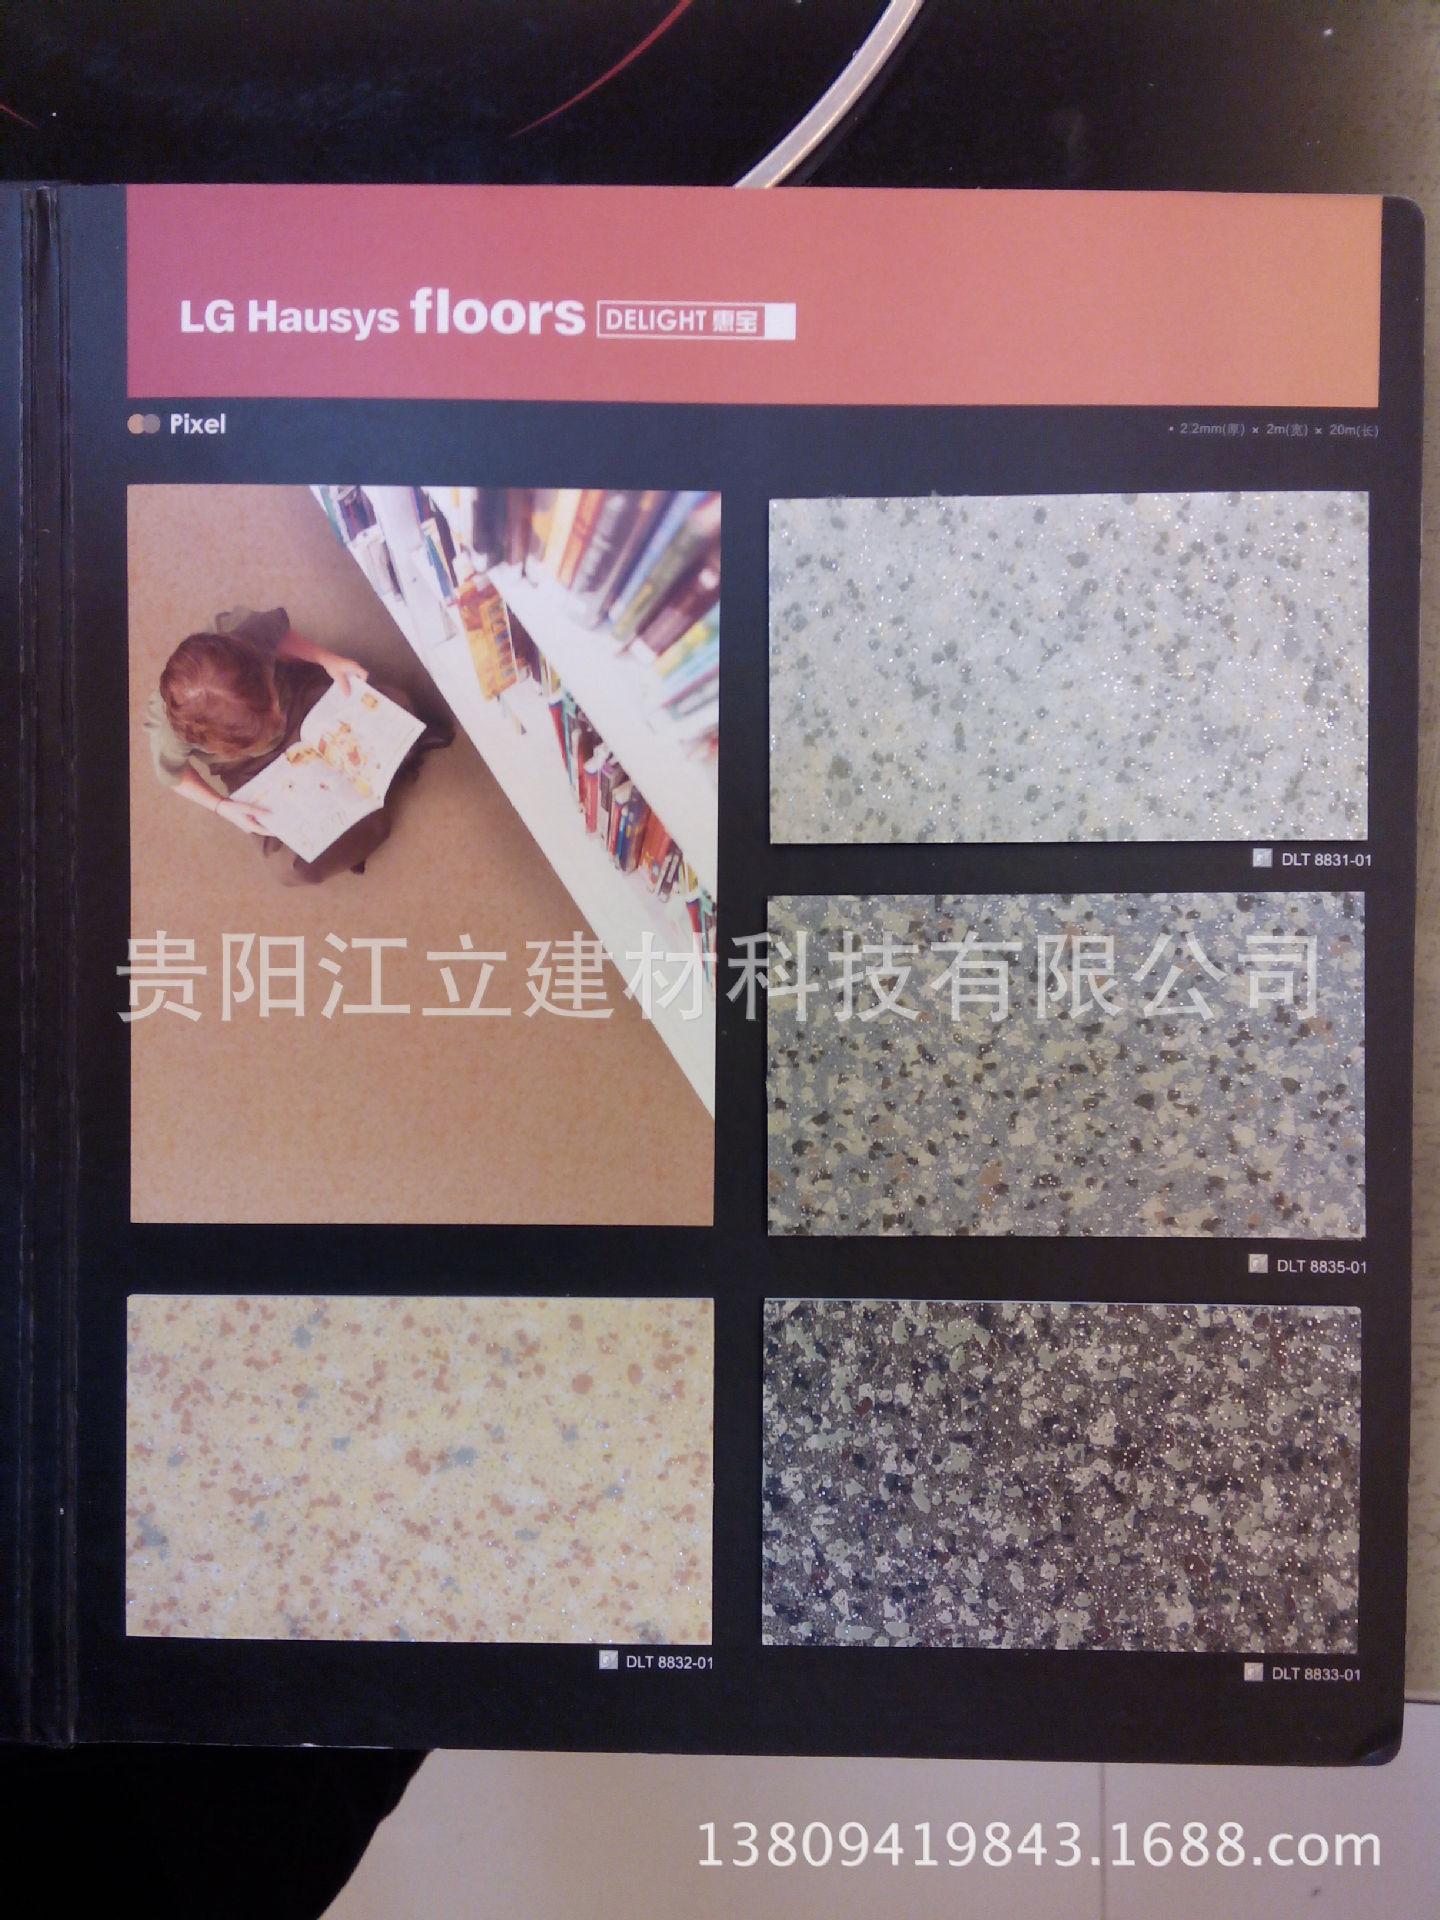 韩国LG惠宝地板